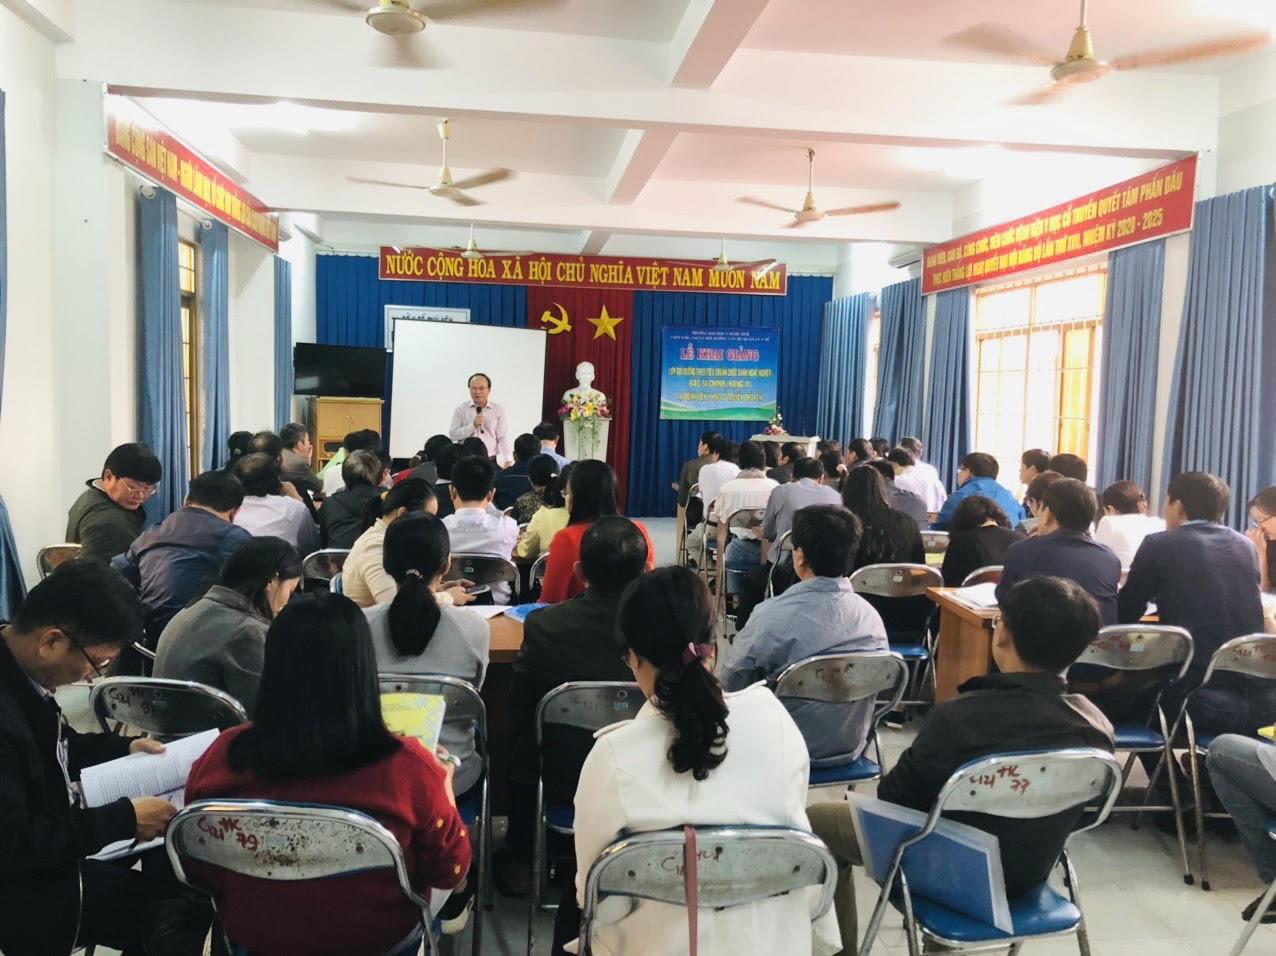 Tổ chức đào tạo Lớp bồi dưỡng theo tiêu chuẩn chức danh nghề nghiệp Bác sĩ chính (Hạng II) tại Bệnh viện Y học cổ truyền Phú Yên